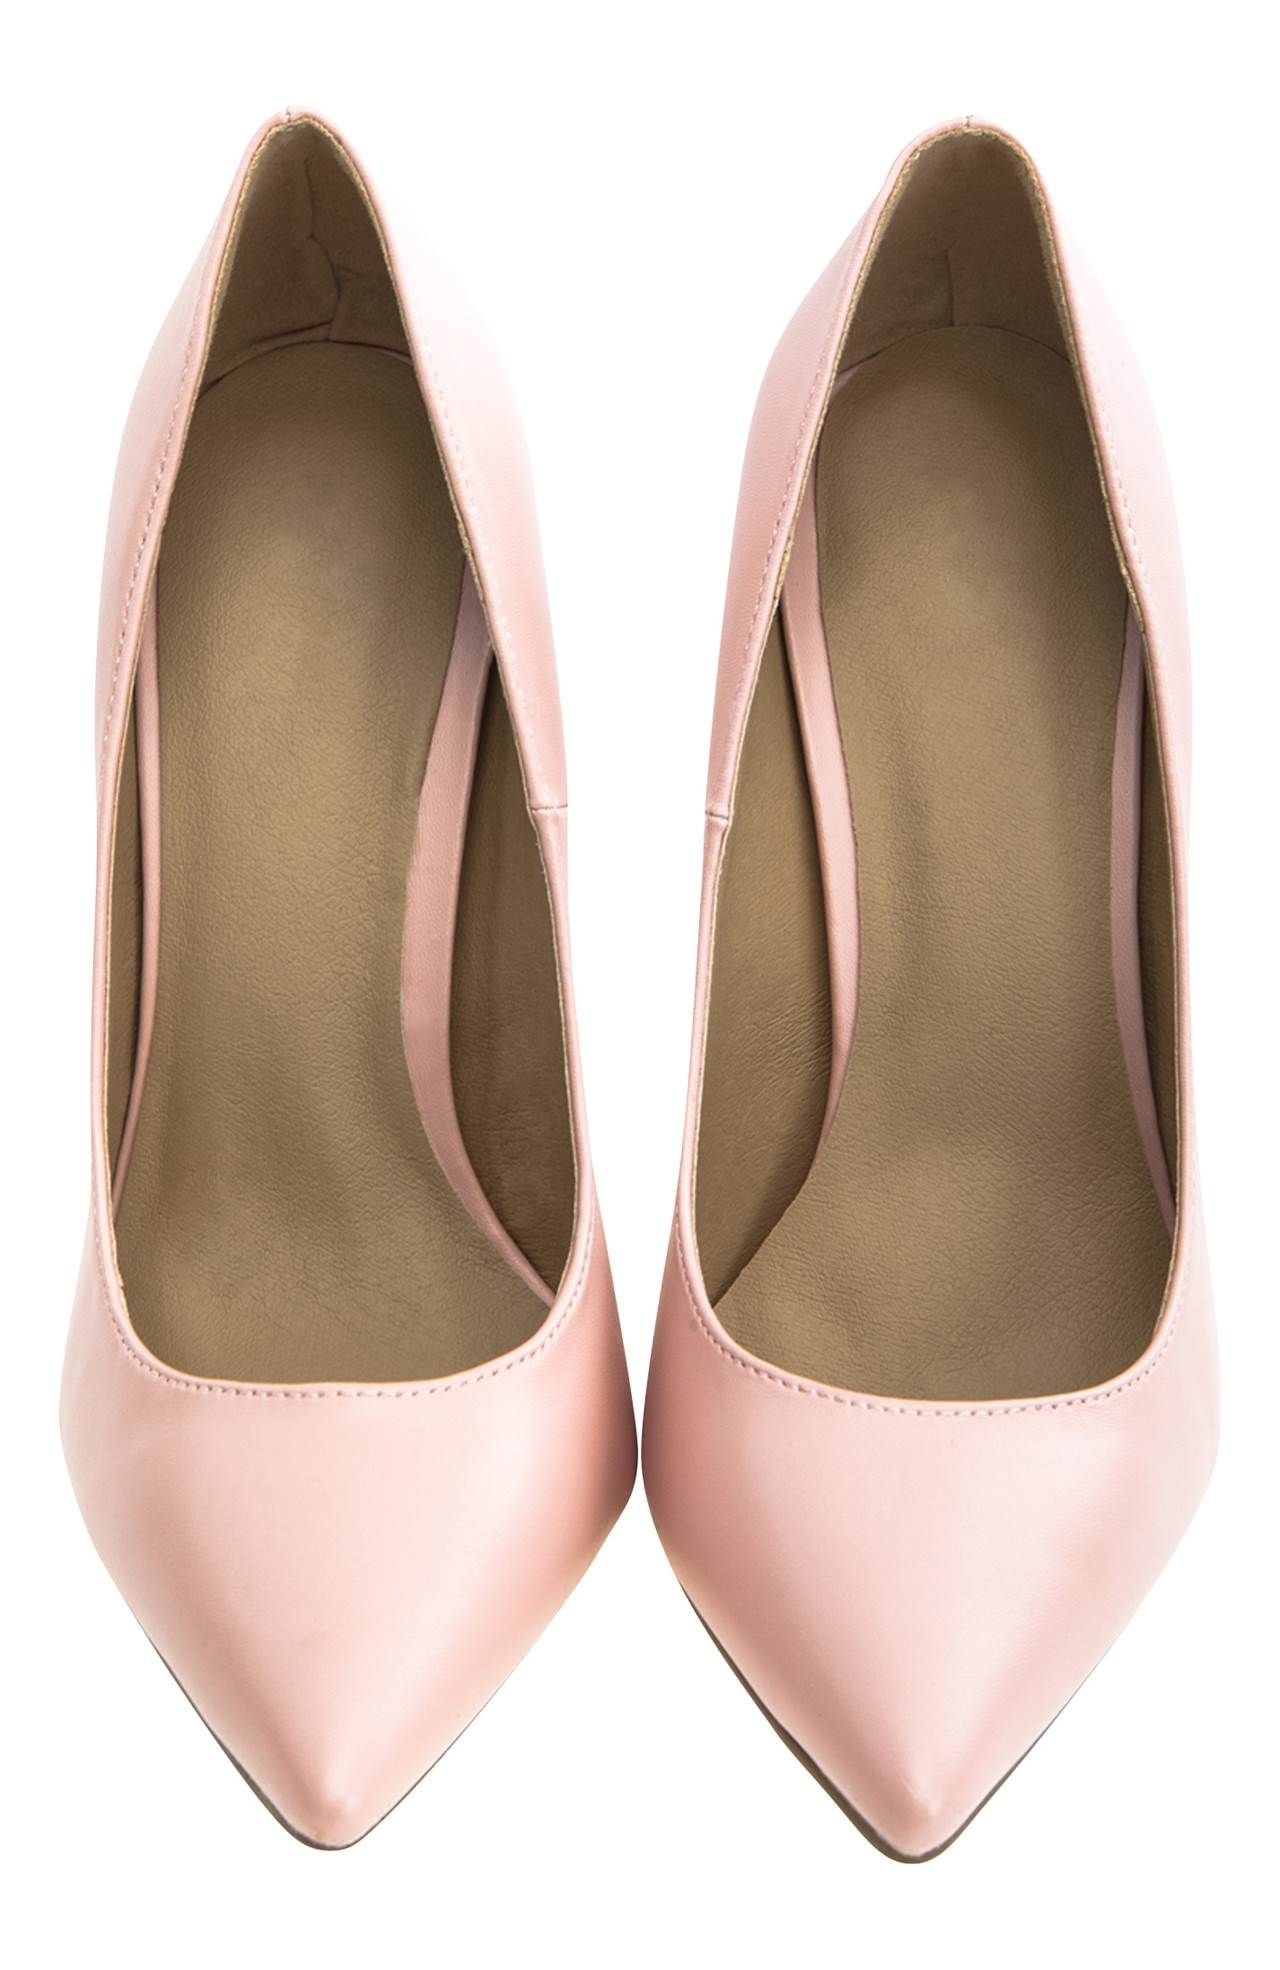 276232b06290 Halens Shoes